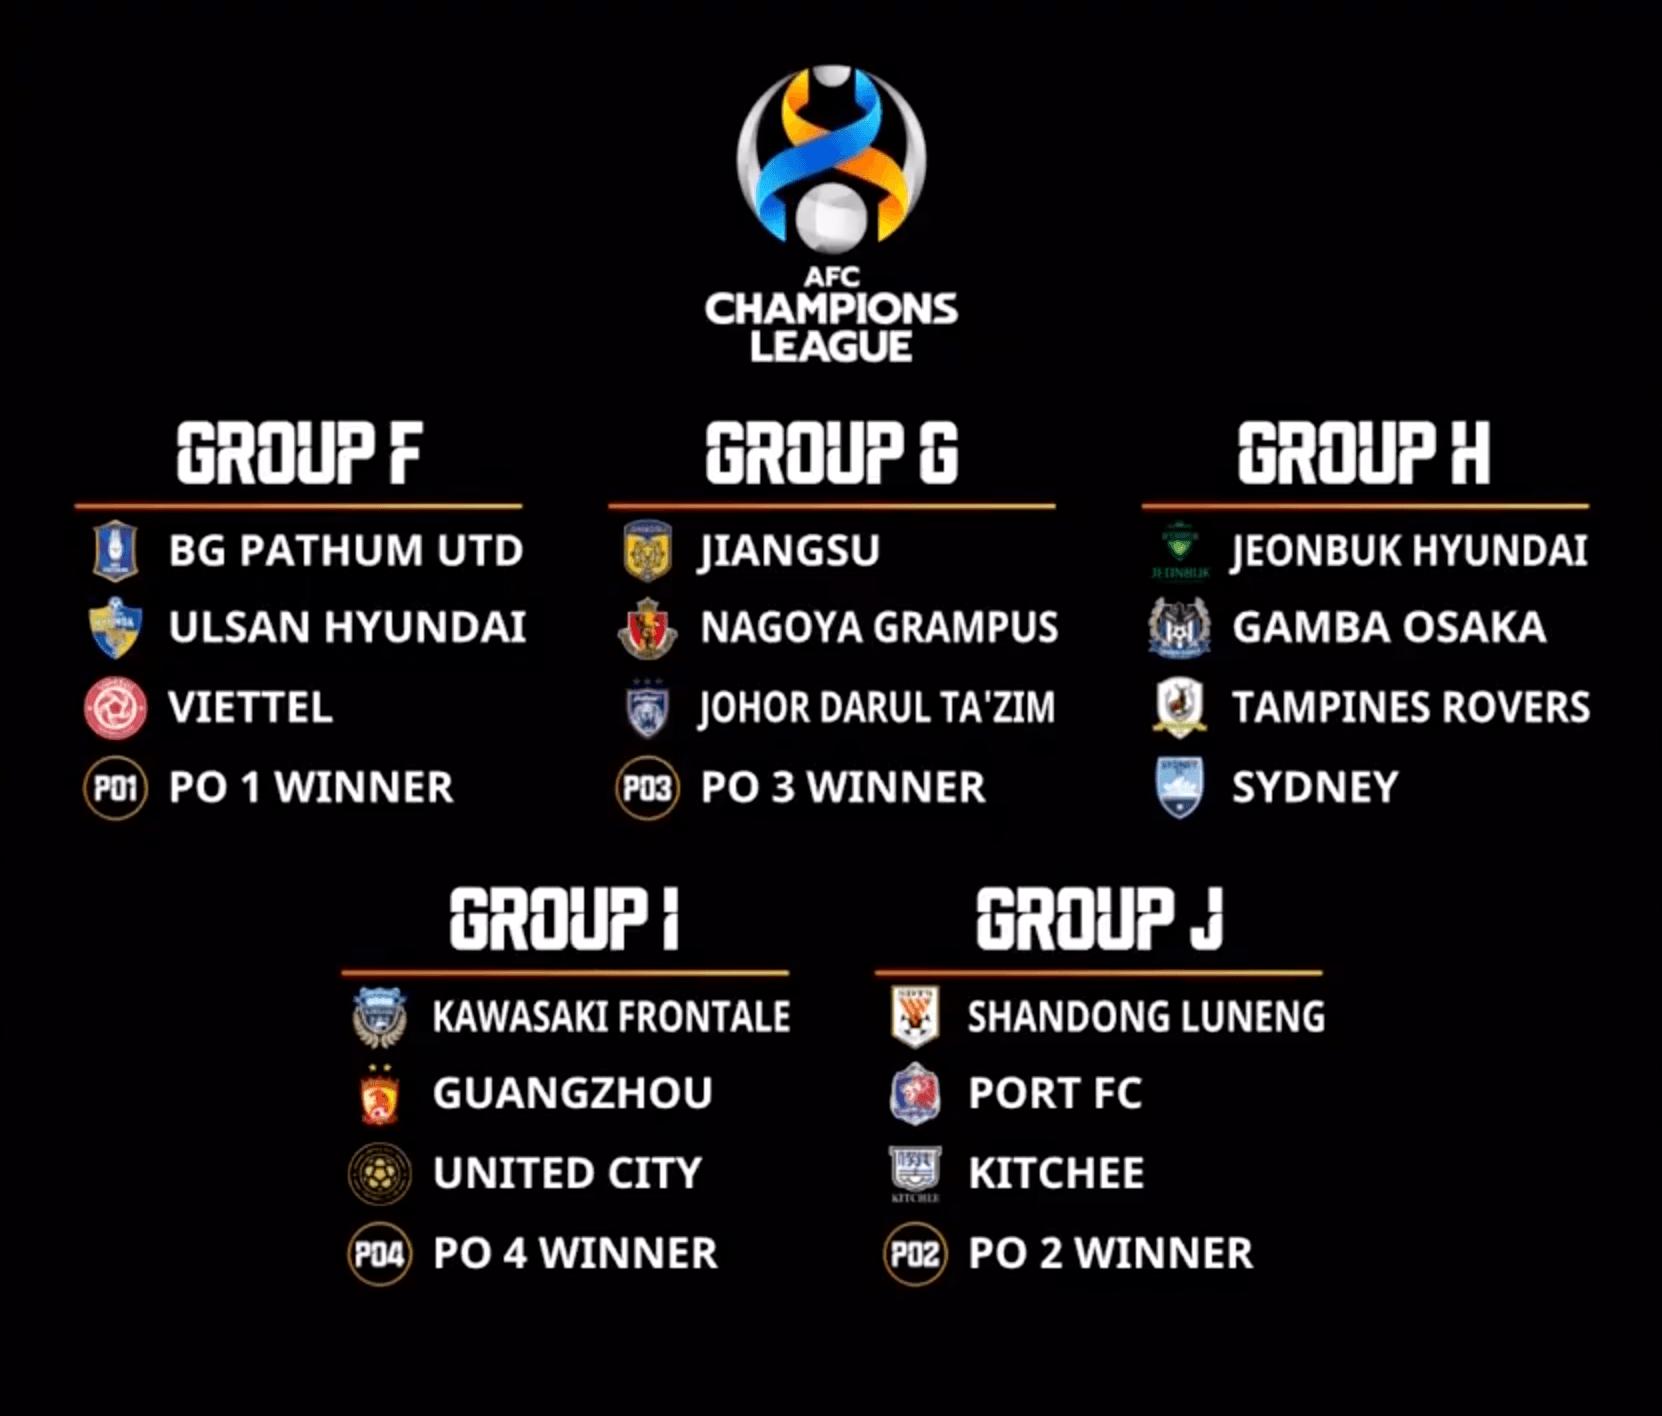 """AFC Champions League: Viettel bị báo Thái Lan coi là đội """"lót đường"""" - Ảnh 1."""